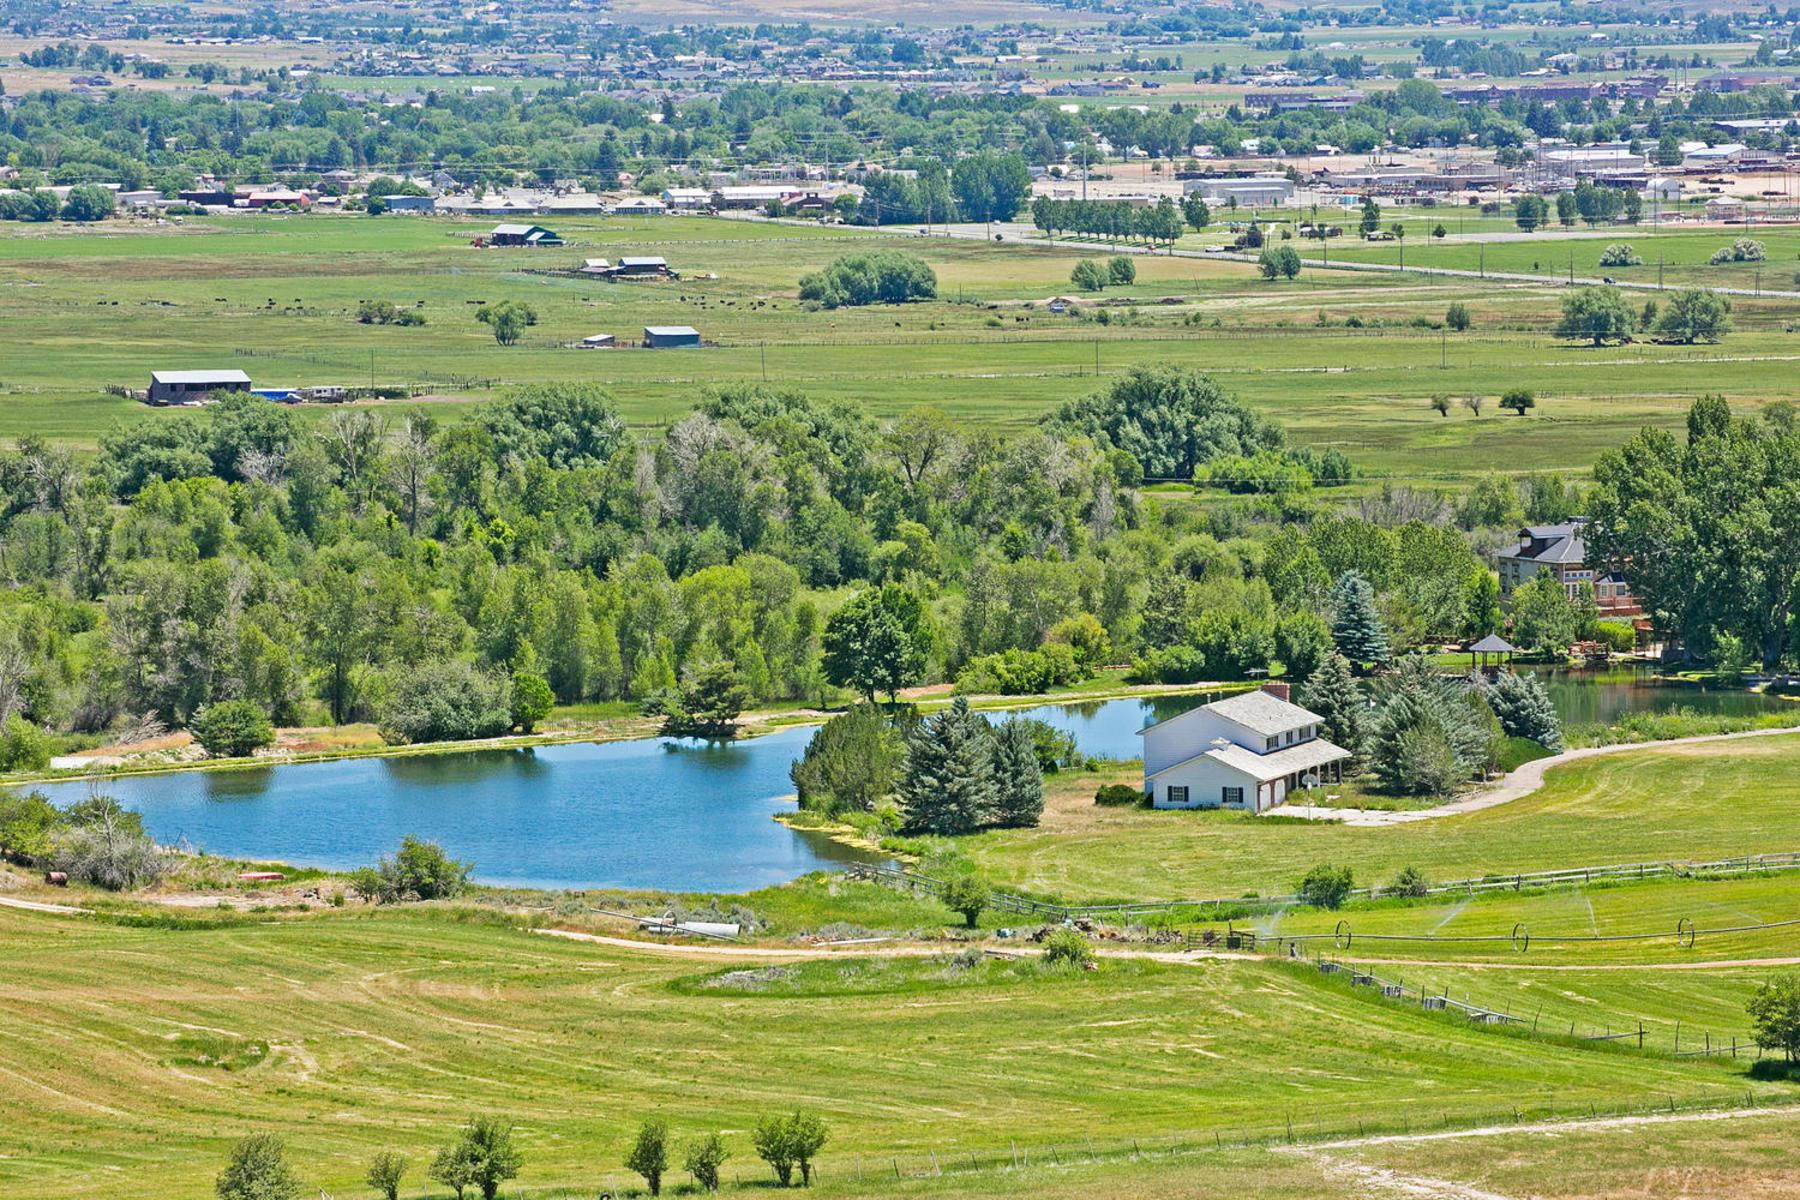 Maison unifamiliale pour l Vente à 10 Plus Acres Development Parcel In Midway! 815 East Main St Midway, Utah, 84032 États-Unis